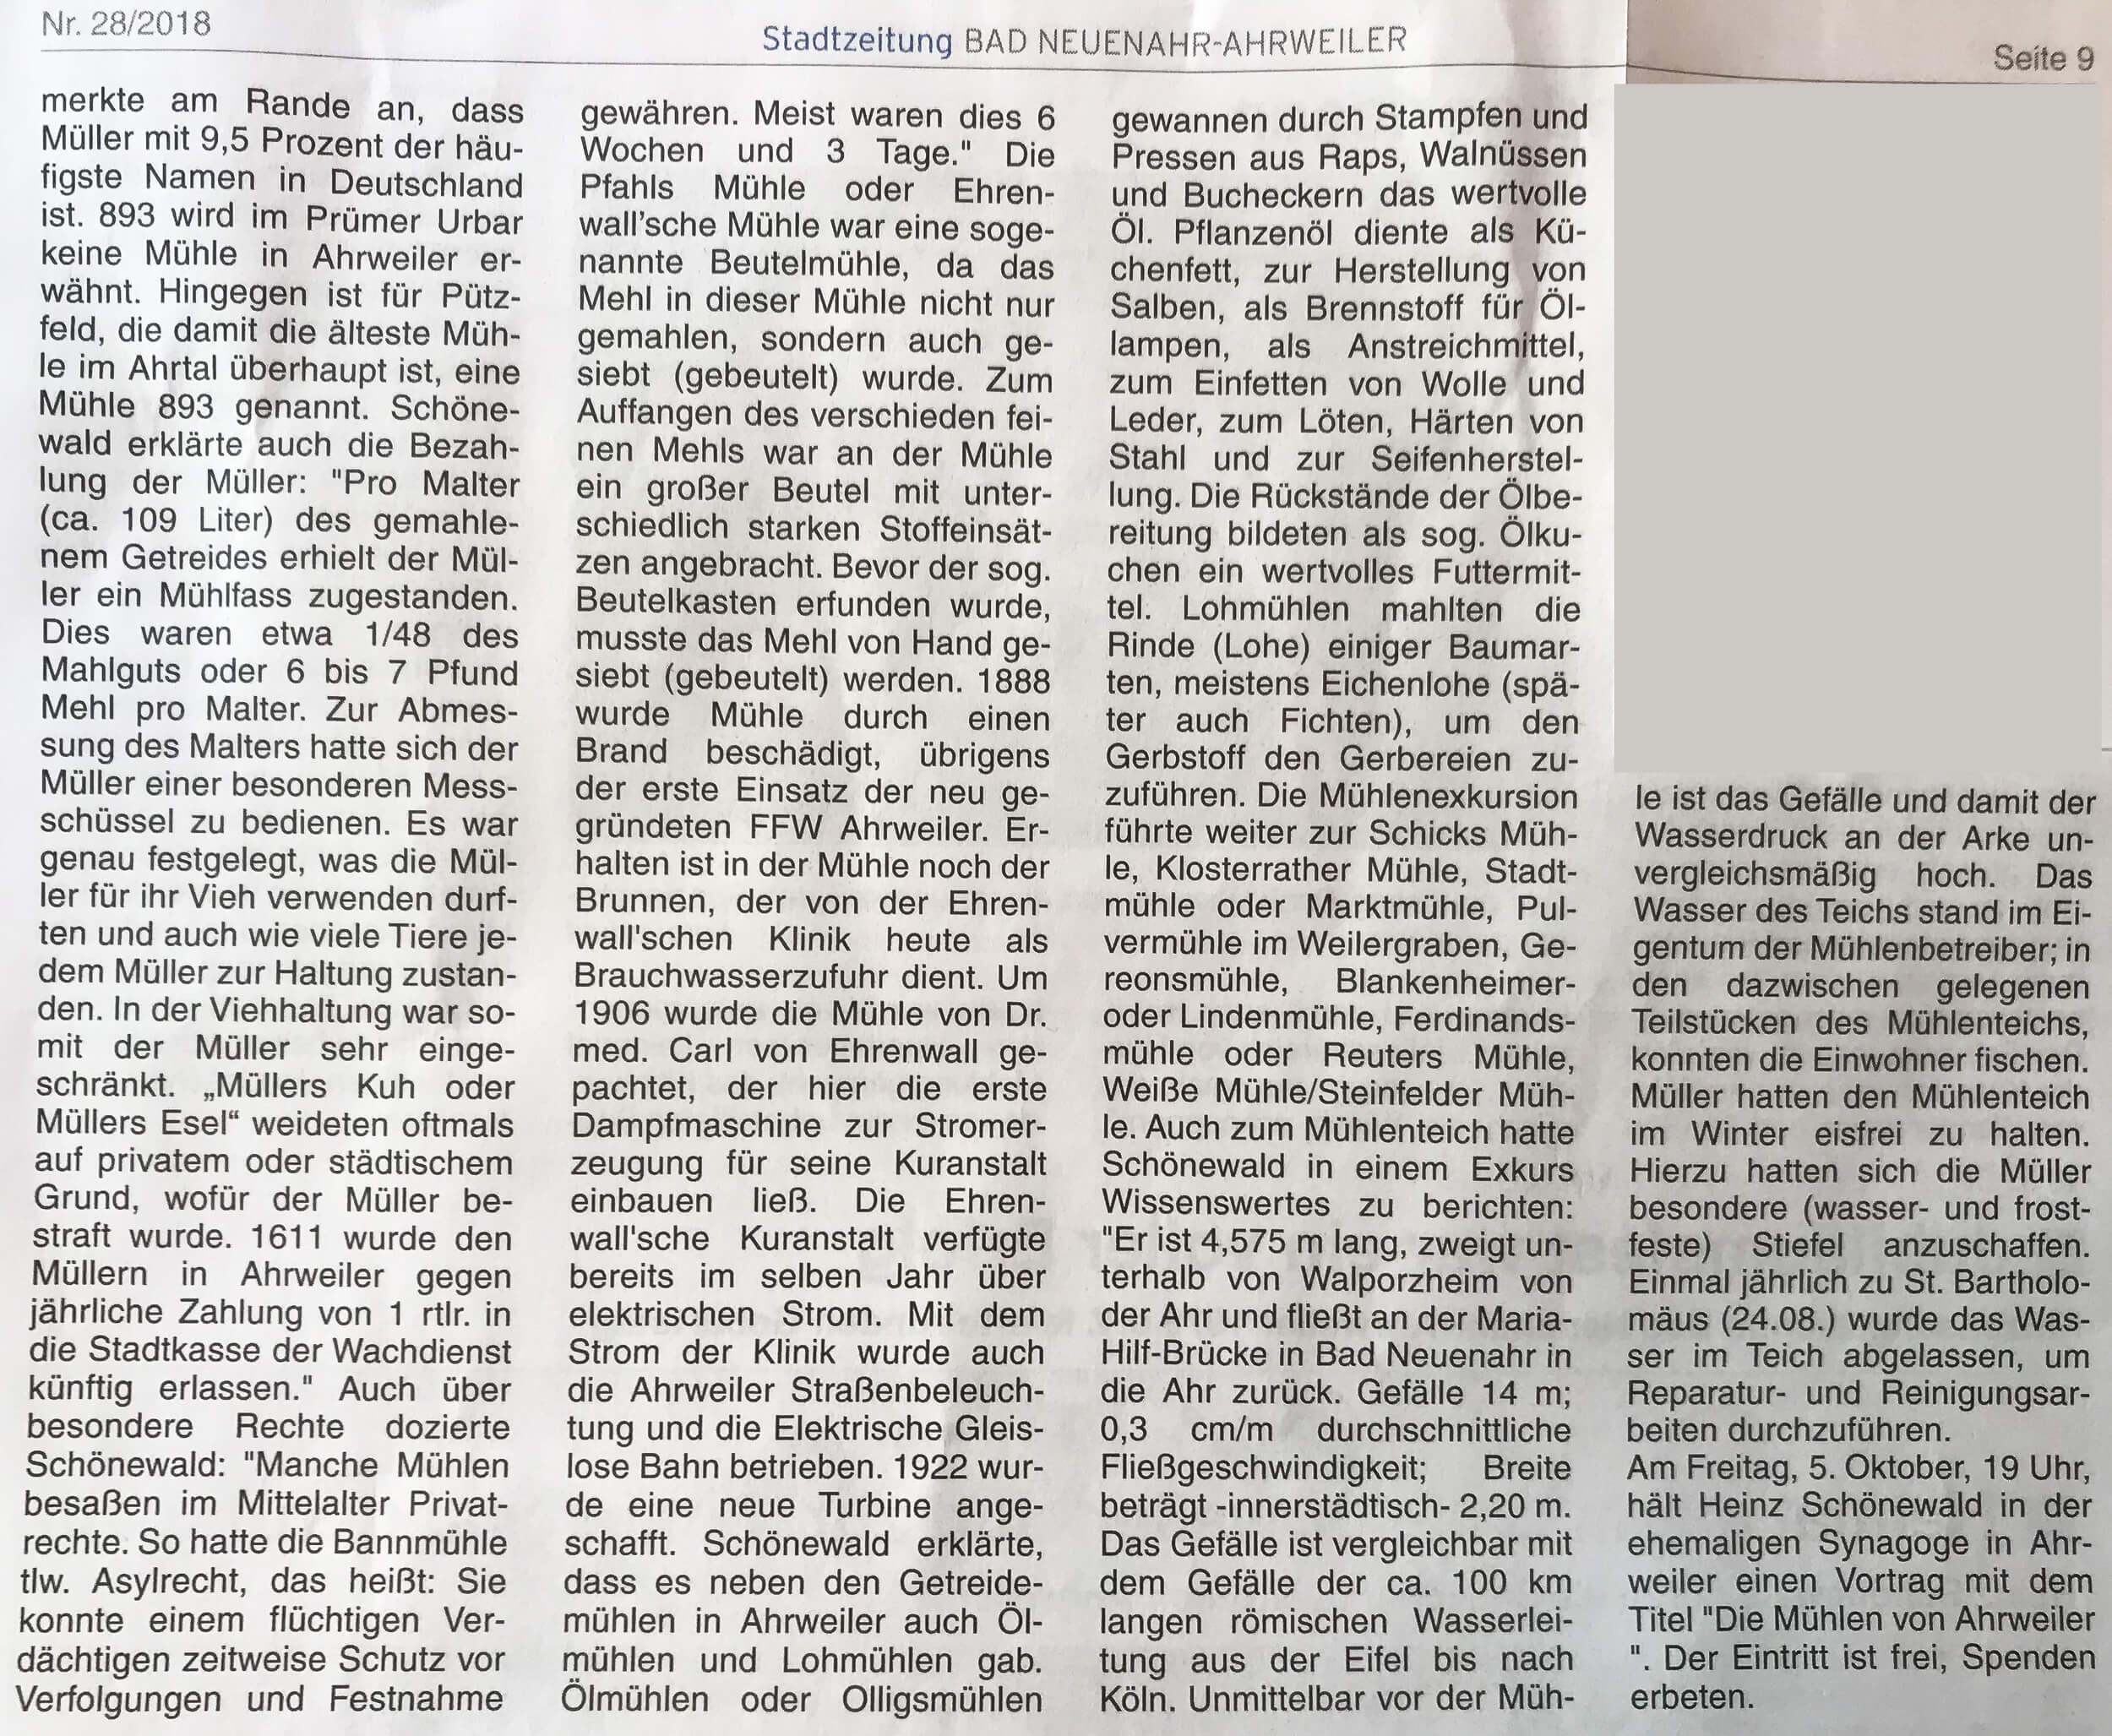 Mühlenwanderung entlang des Ahrweiler Mühlenteichs mit Heinz Schönewald Bericht der Stadtzeitung 28-2018 -Seite 2-